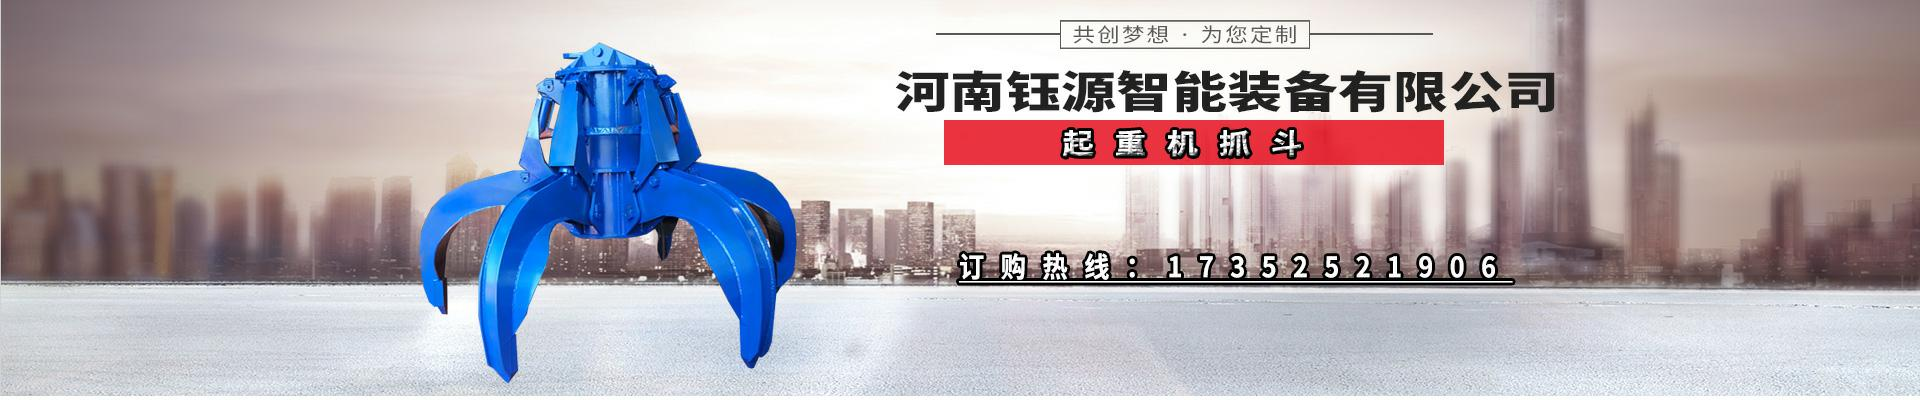 河南钰源智能装备有限公司